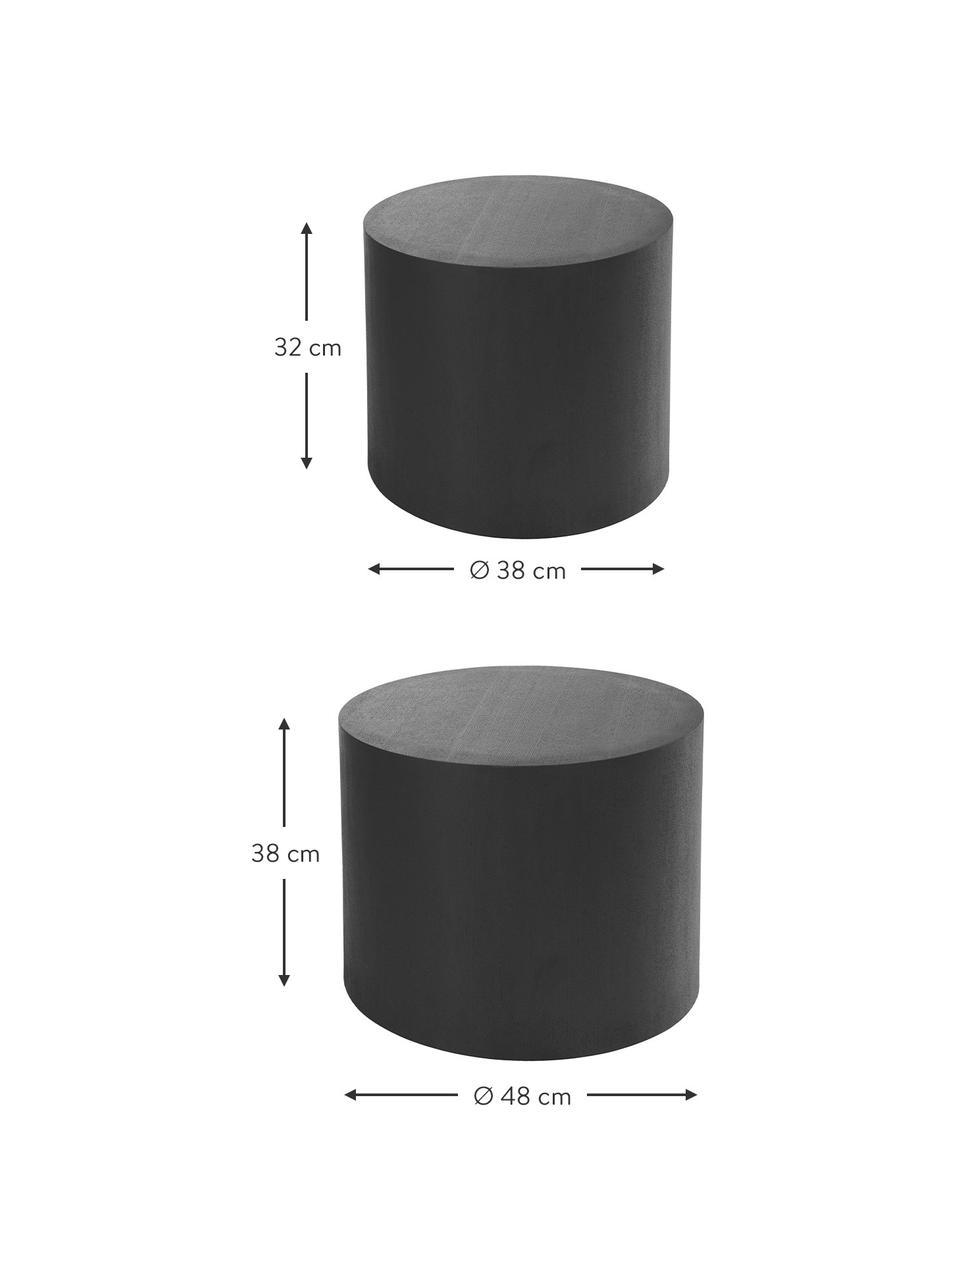 Bijzettafels Dan van hout, 2-delig, MDF met essenhoutfineer, Zwart, Set met verschillende formaten